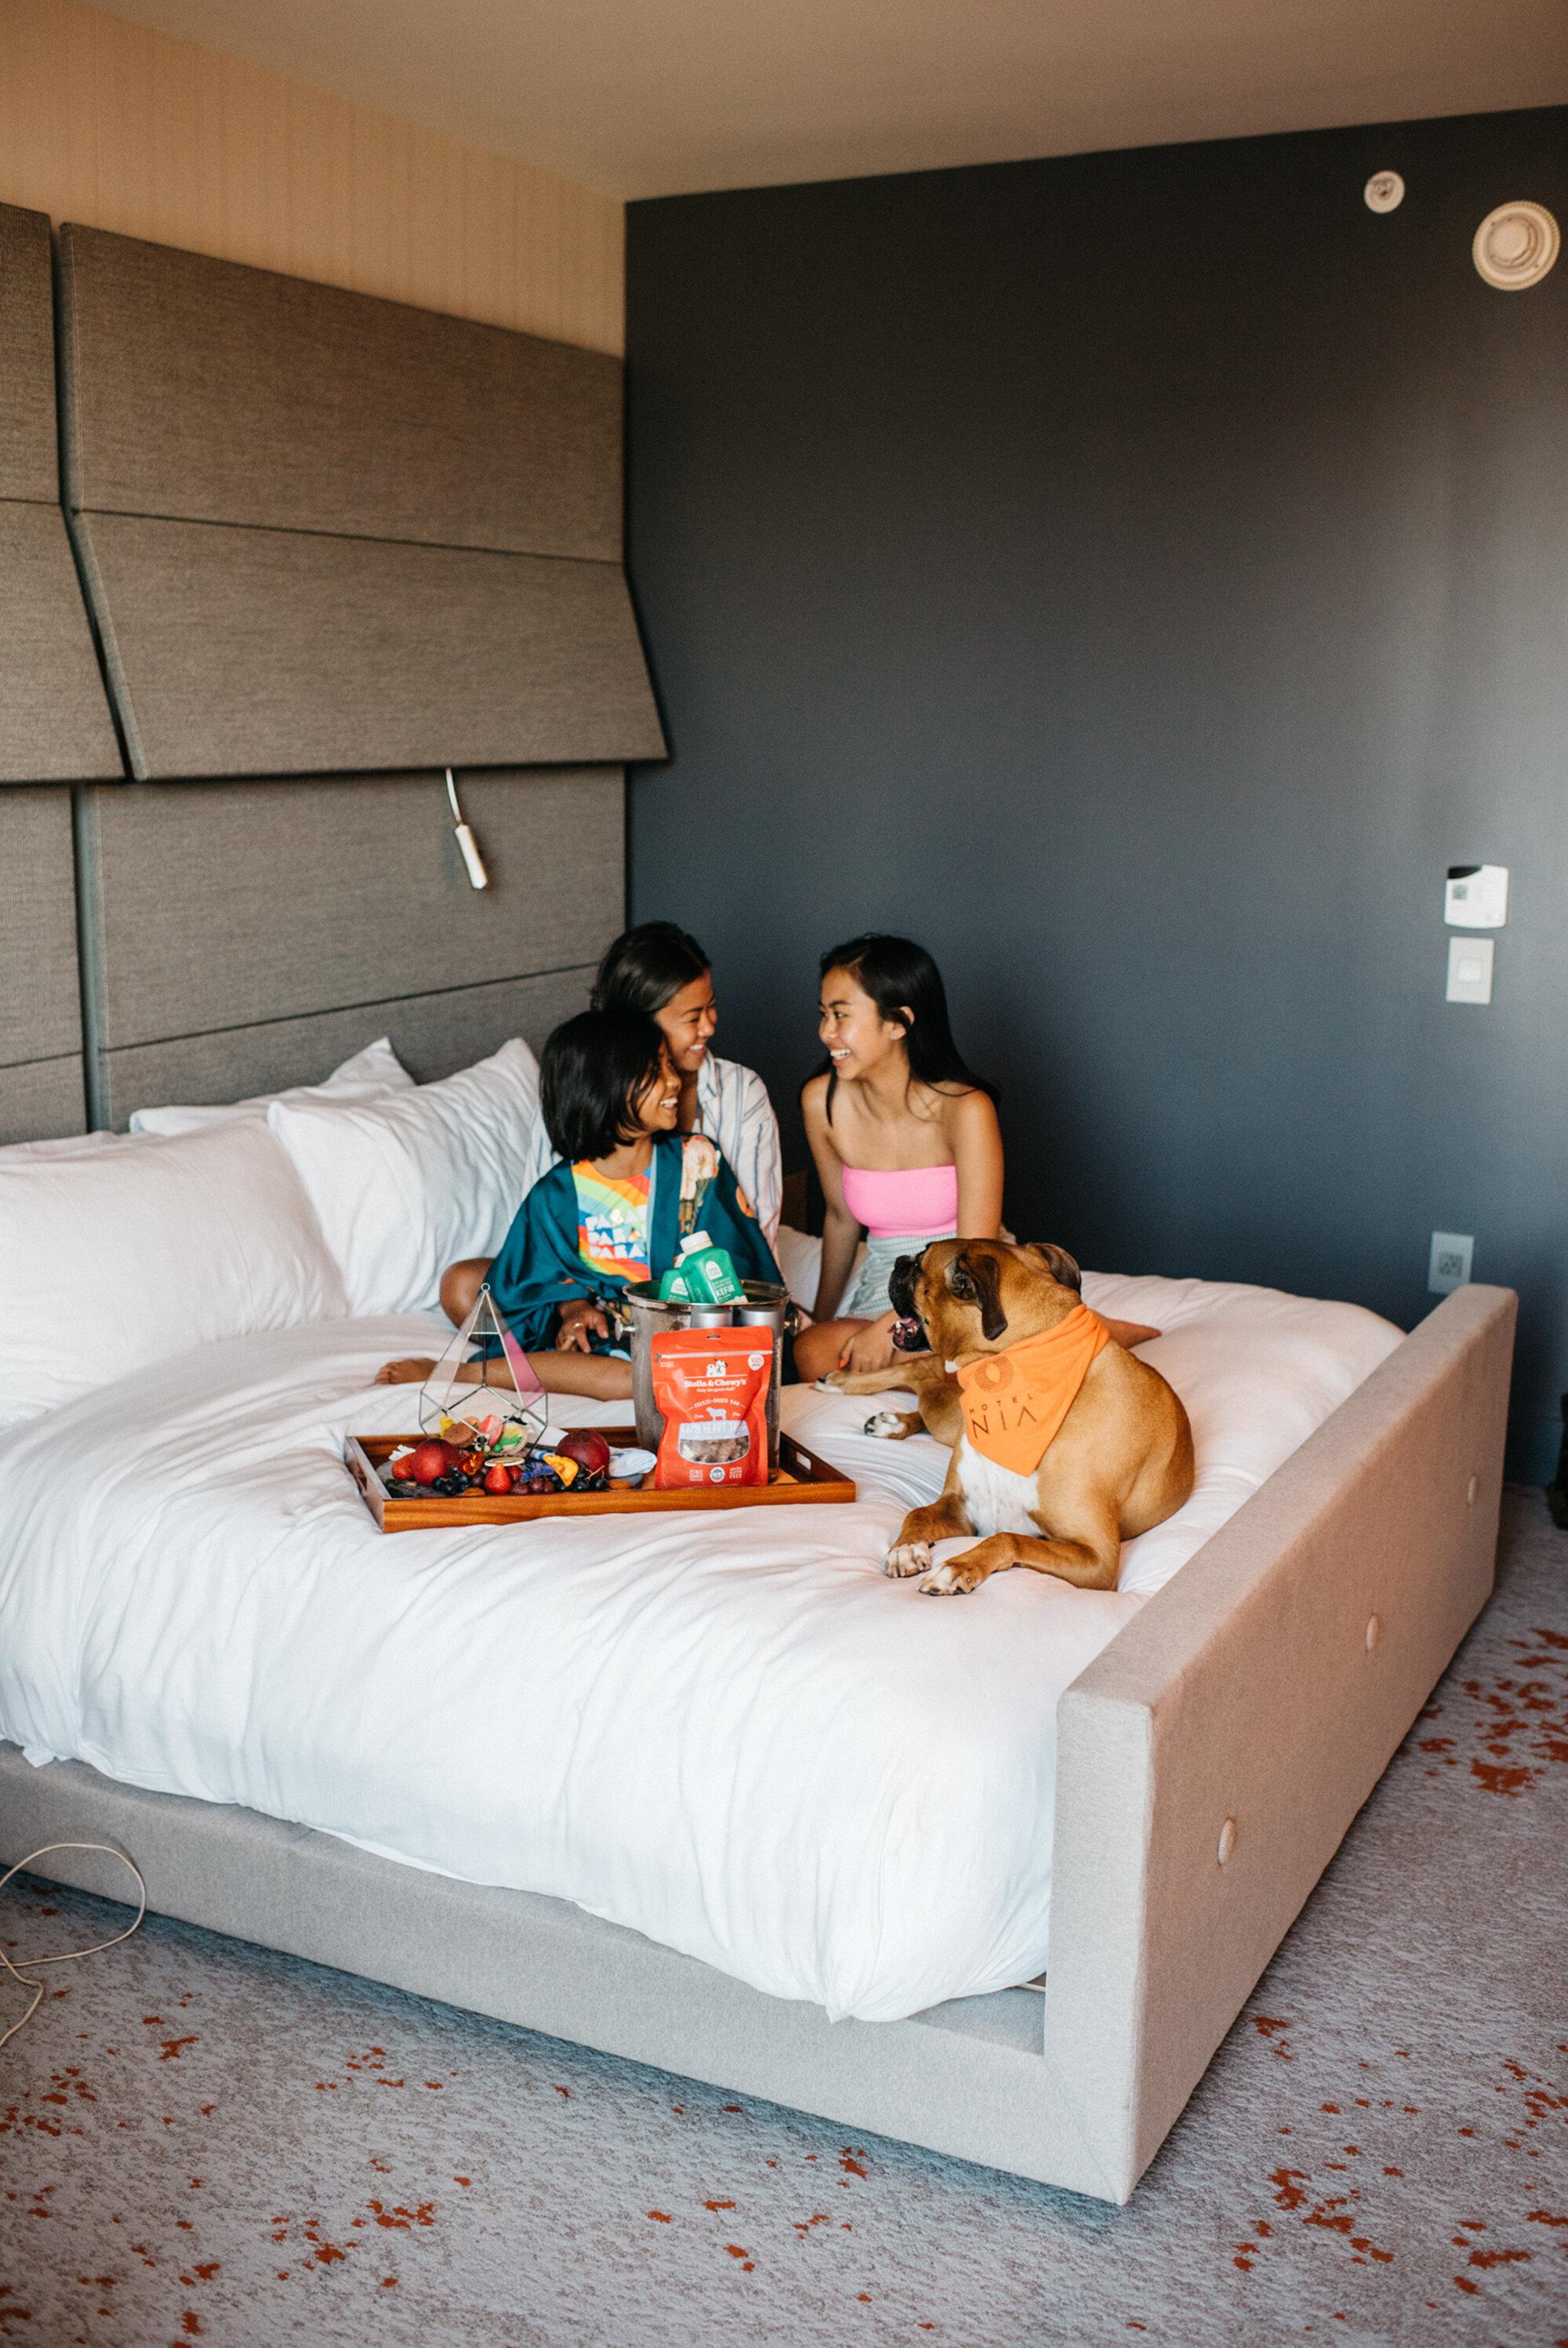 GFJ_hotelnia_review_familygetaway006.jpg